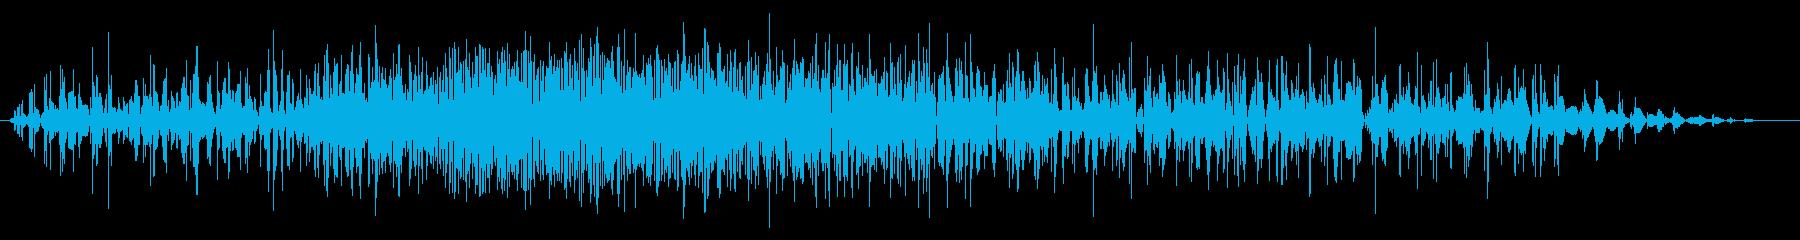 短い地鳴り・地震の再生済みの波形